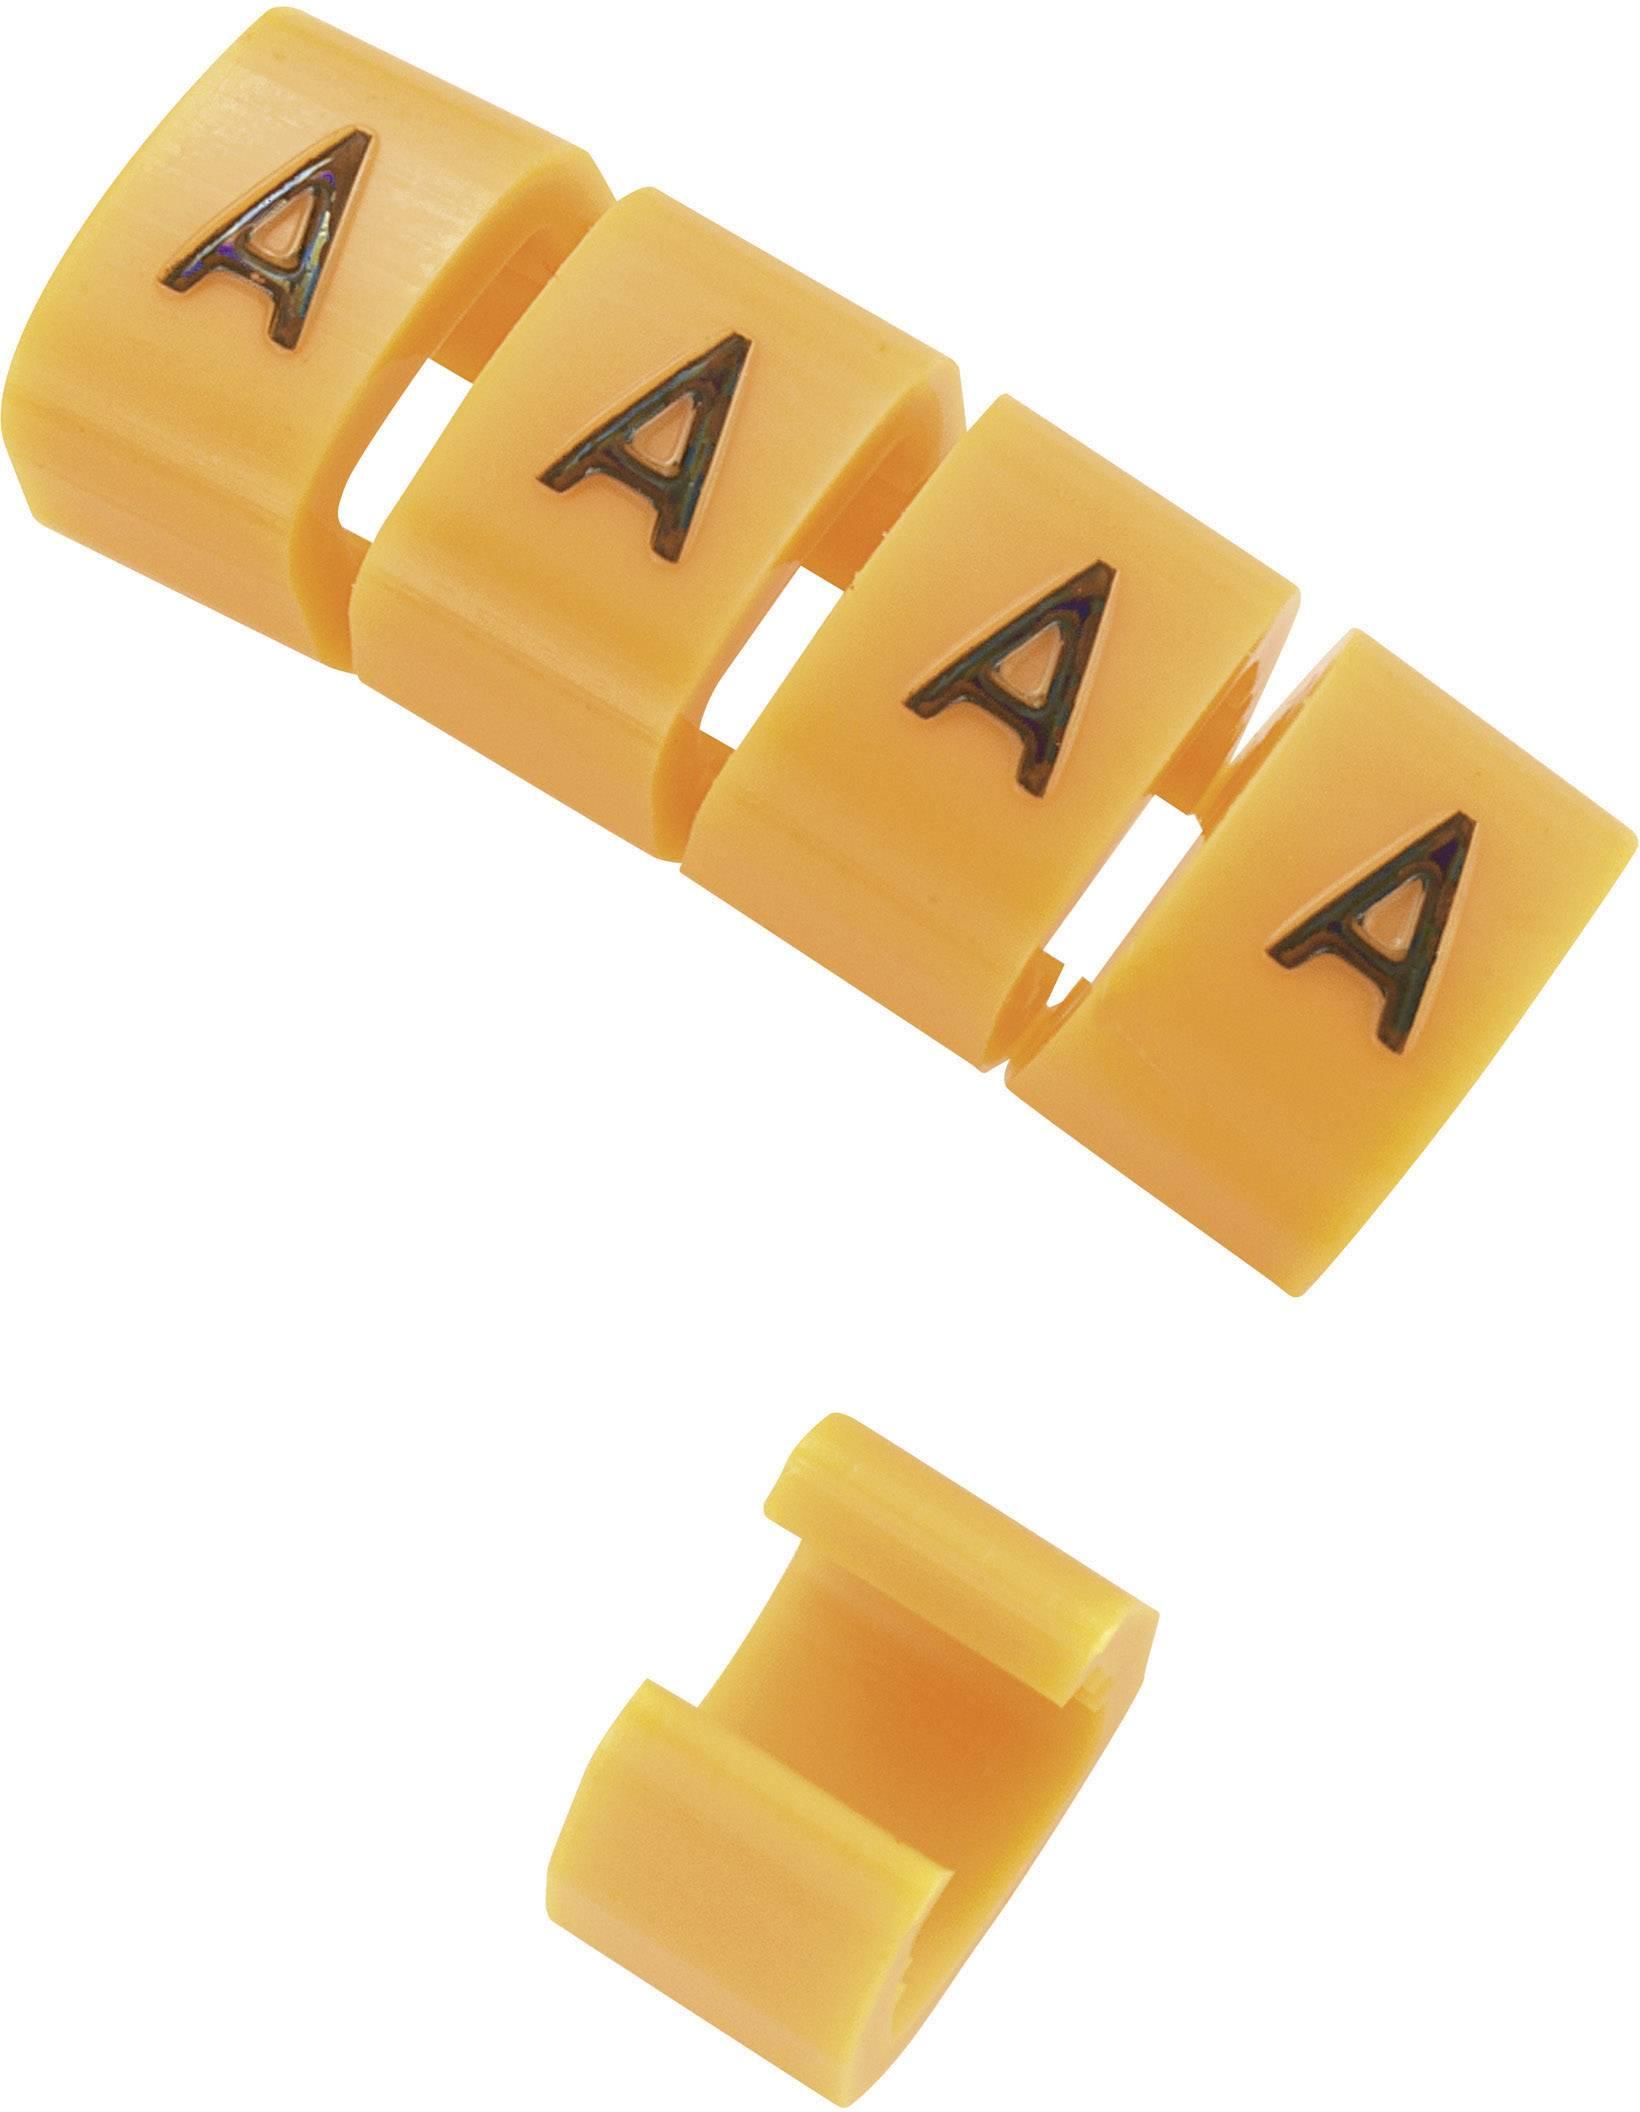 Označovacie objímka na káble KSS MB1/Z, oranžová, 10 ks